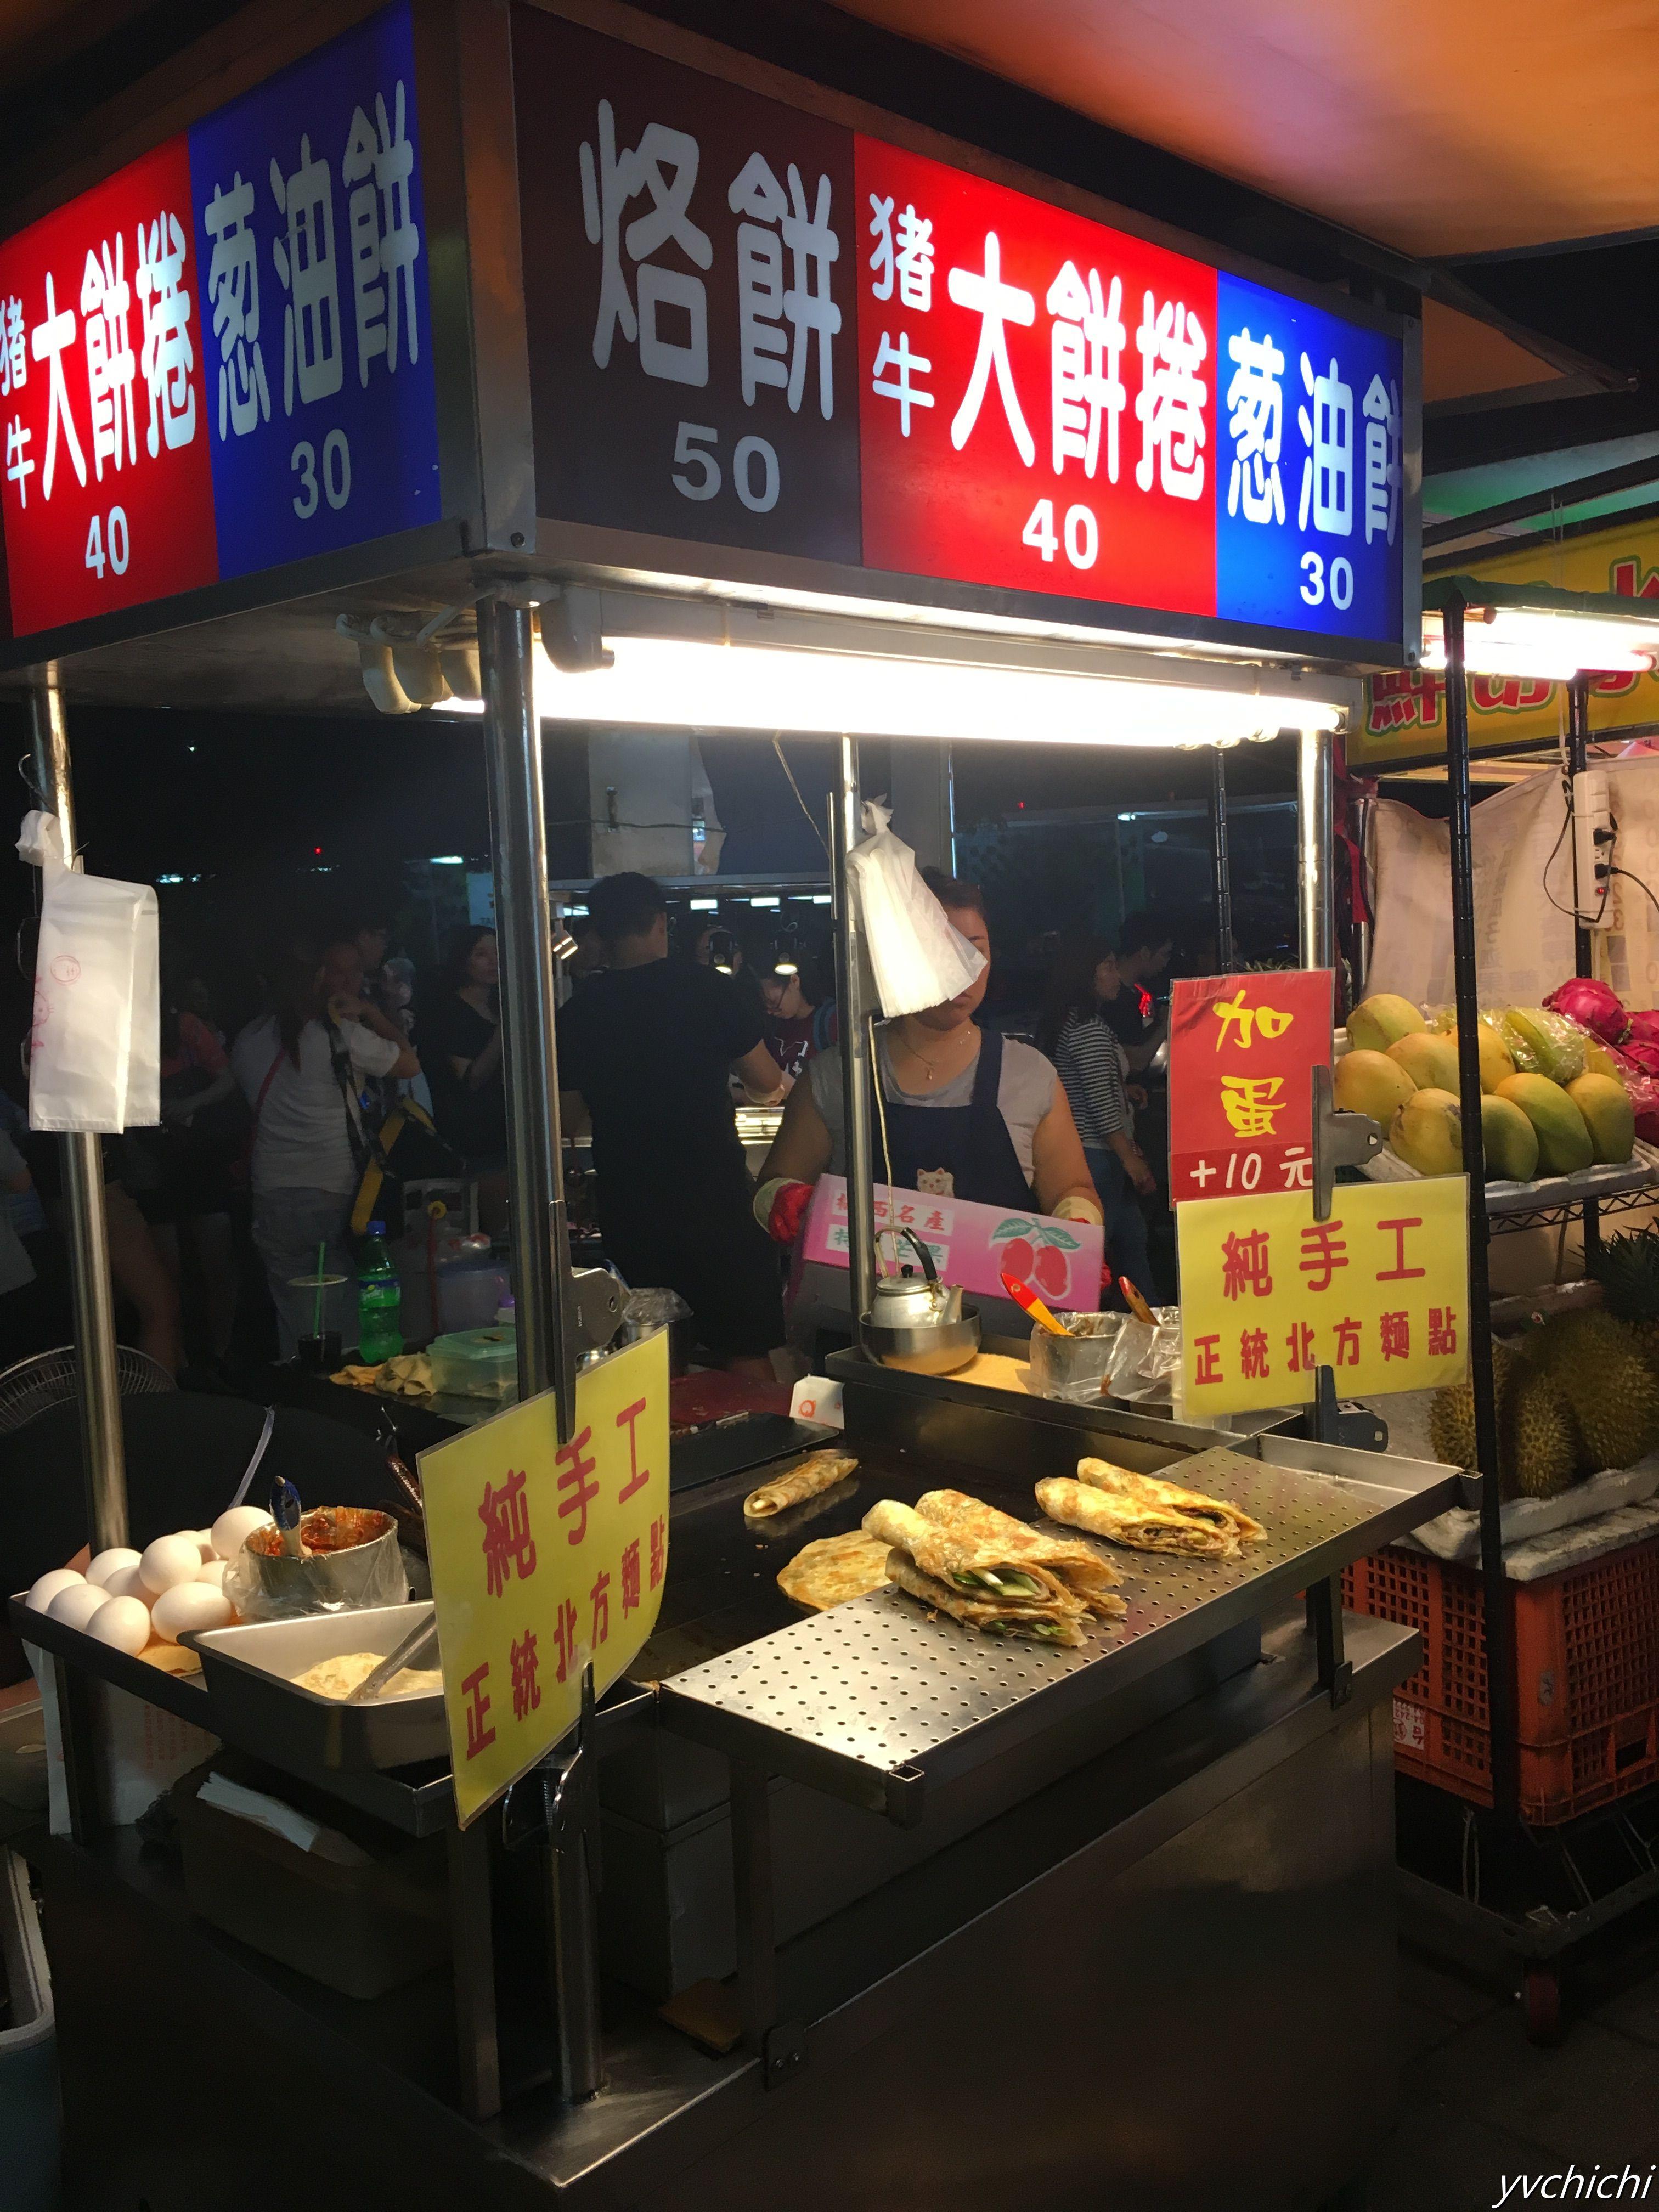 【士林夜市令人驚豔的小吃】牛肉捲餅~牛大餅捲~我最愛吃好吃的牛肉捲餅 – 琦寓記